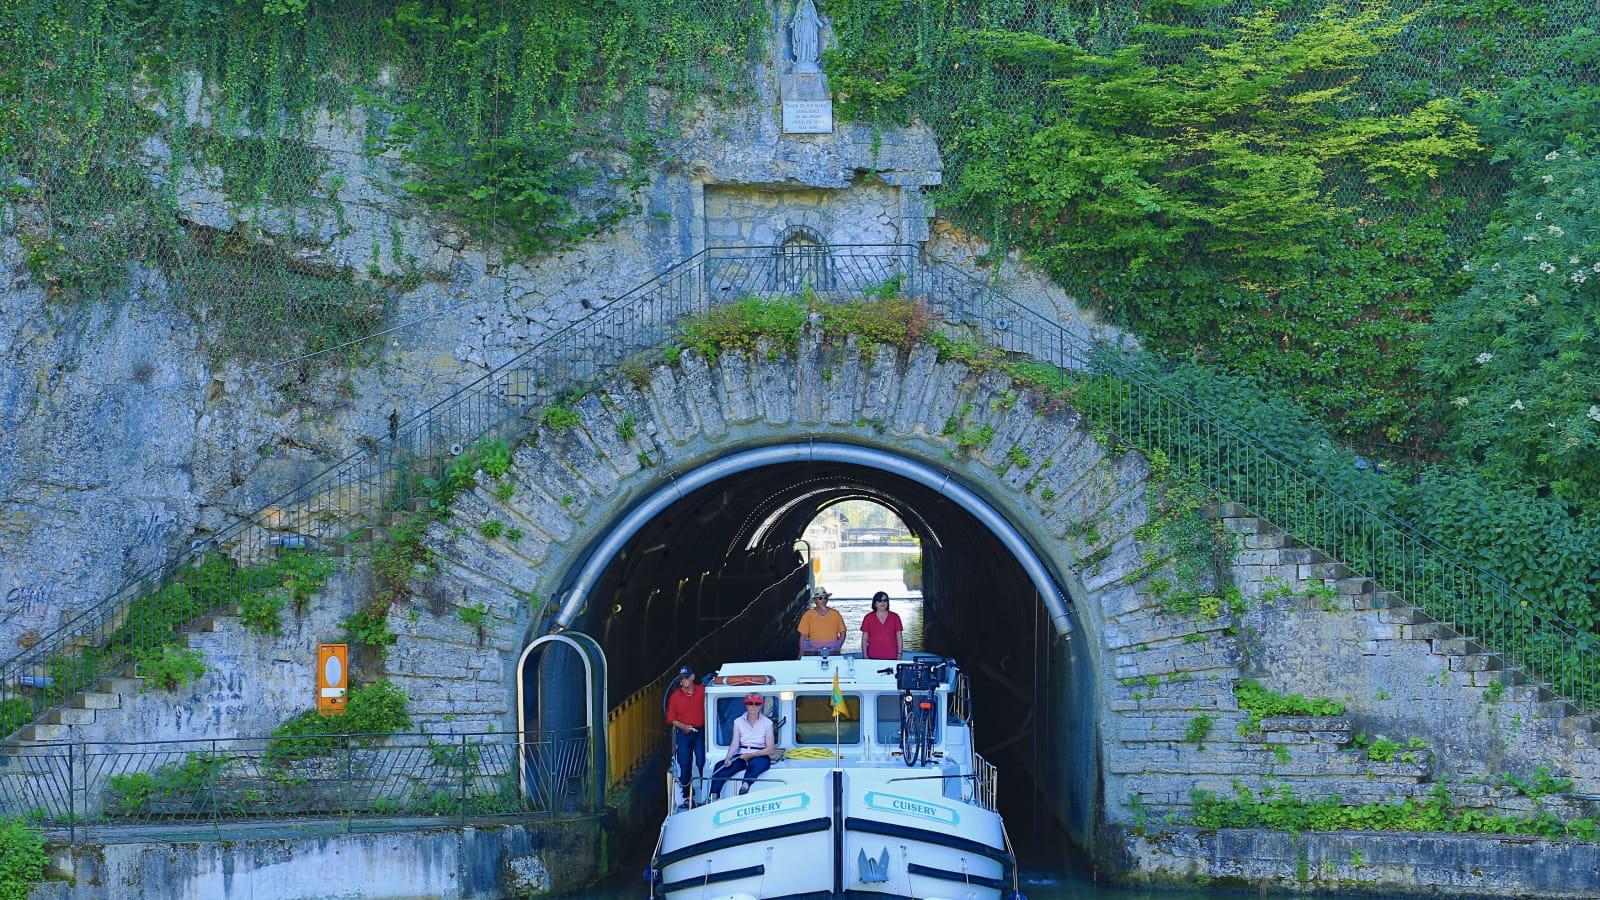 Passage dans le tunnel de Thoraise en bateau